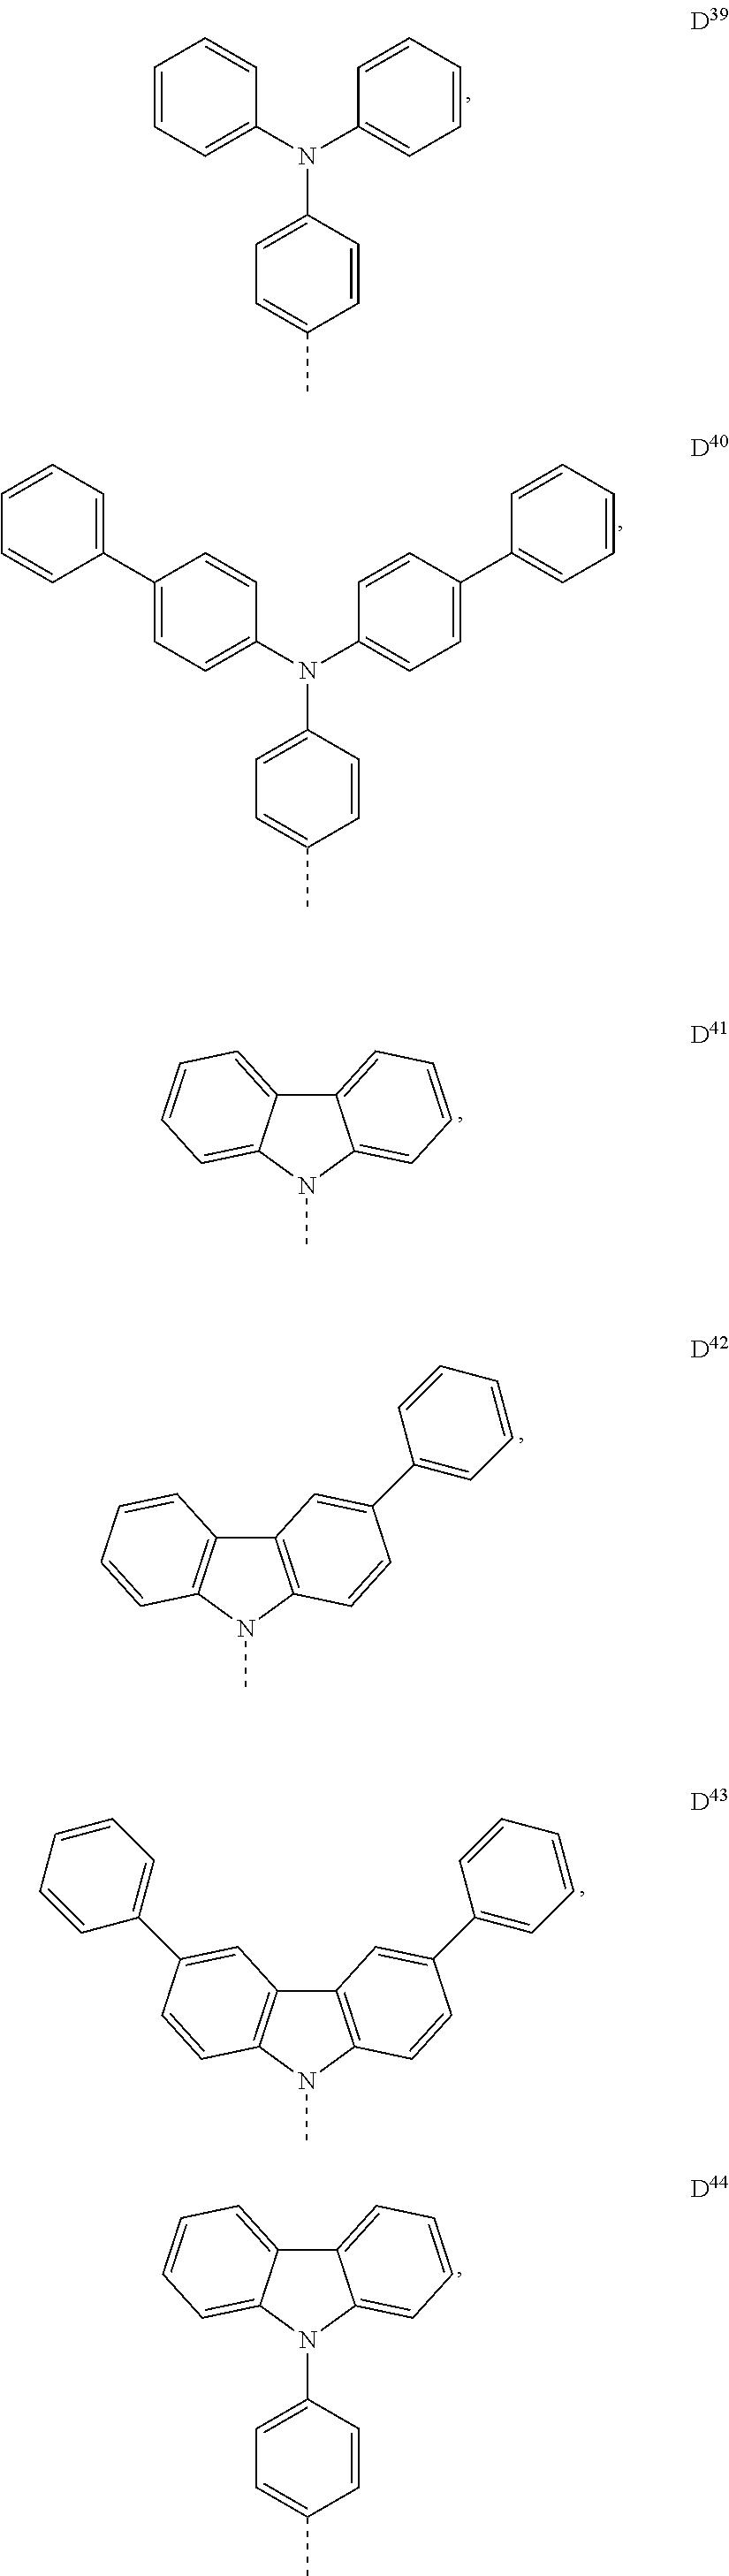 Figure US20170033295A1-20170202-C00041